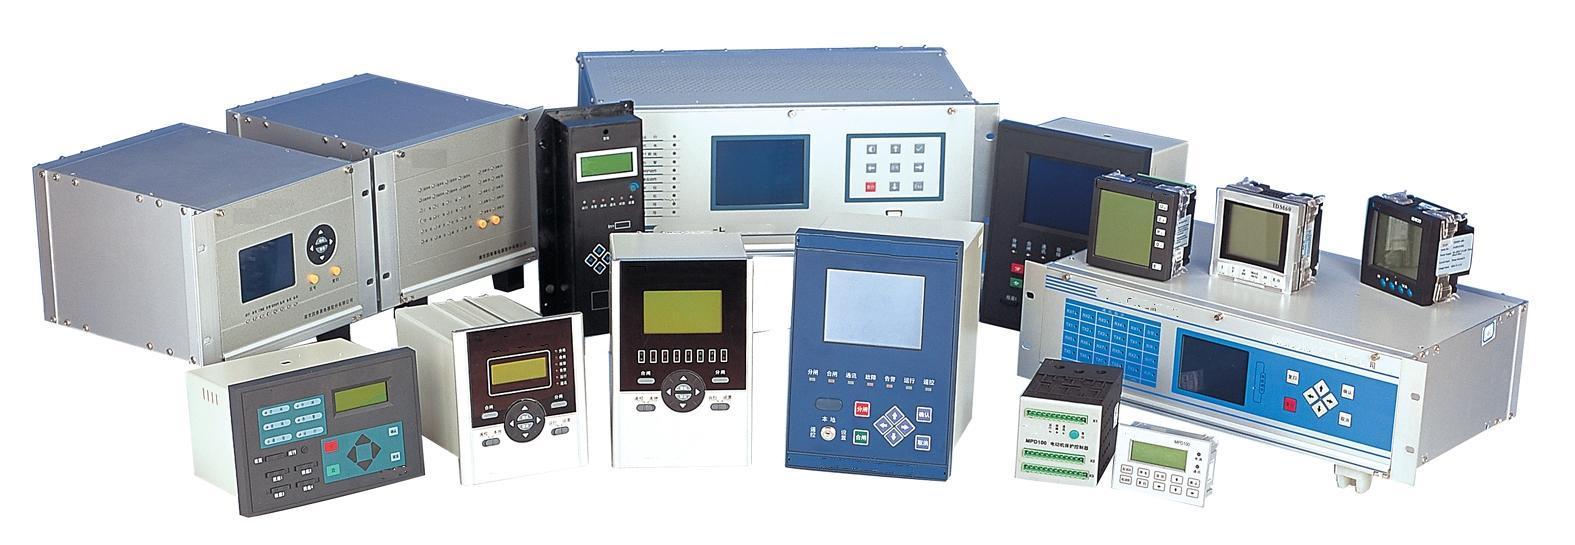 کاربرد رله در حفاظت سیستم های الکتریکی